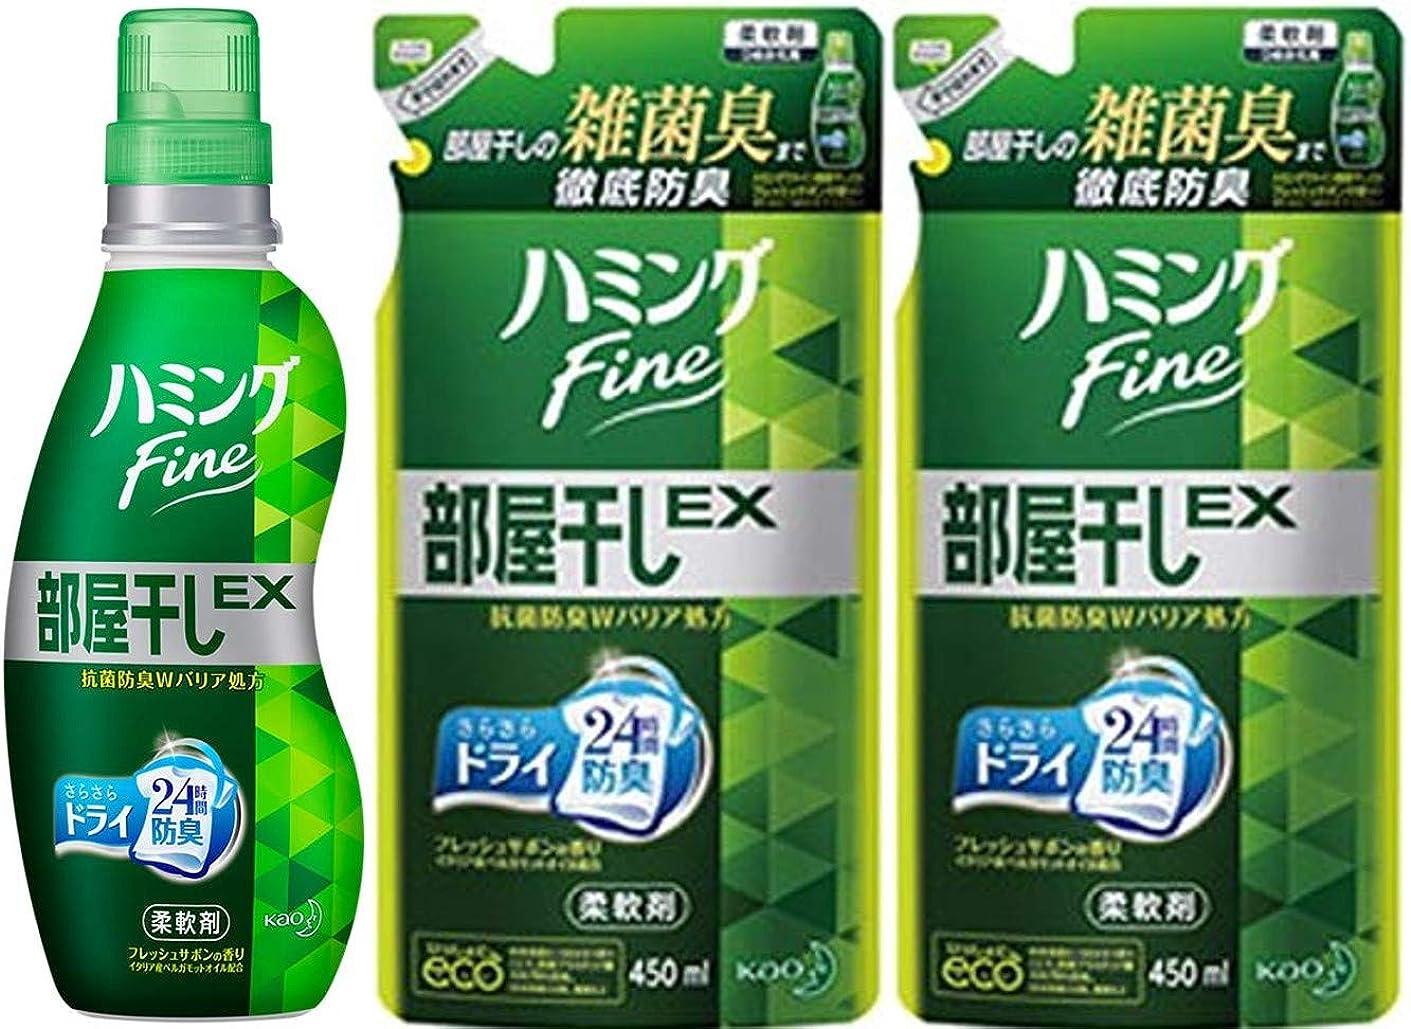 申請中他のバンドで筋ハミングファイン 柔軟剤 部屋干しEX フレッシュサボンの香り 本体540ml+詰替用 450ml(2個)